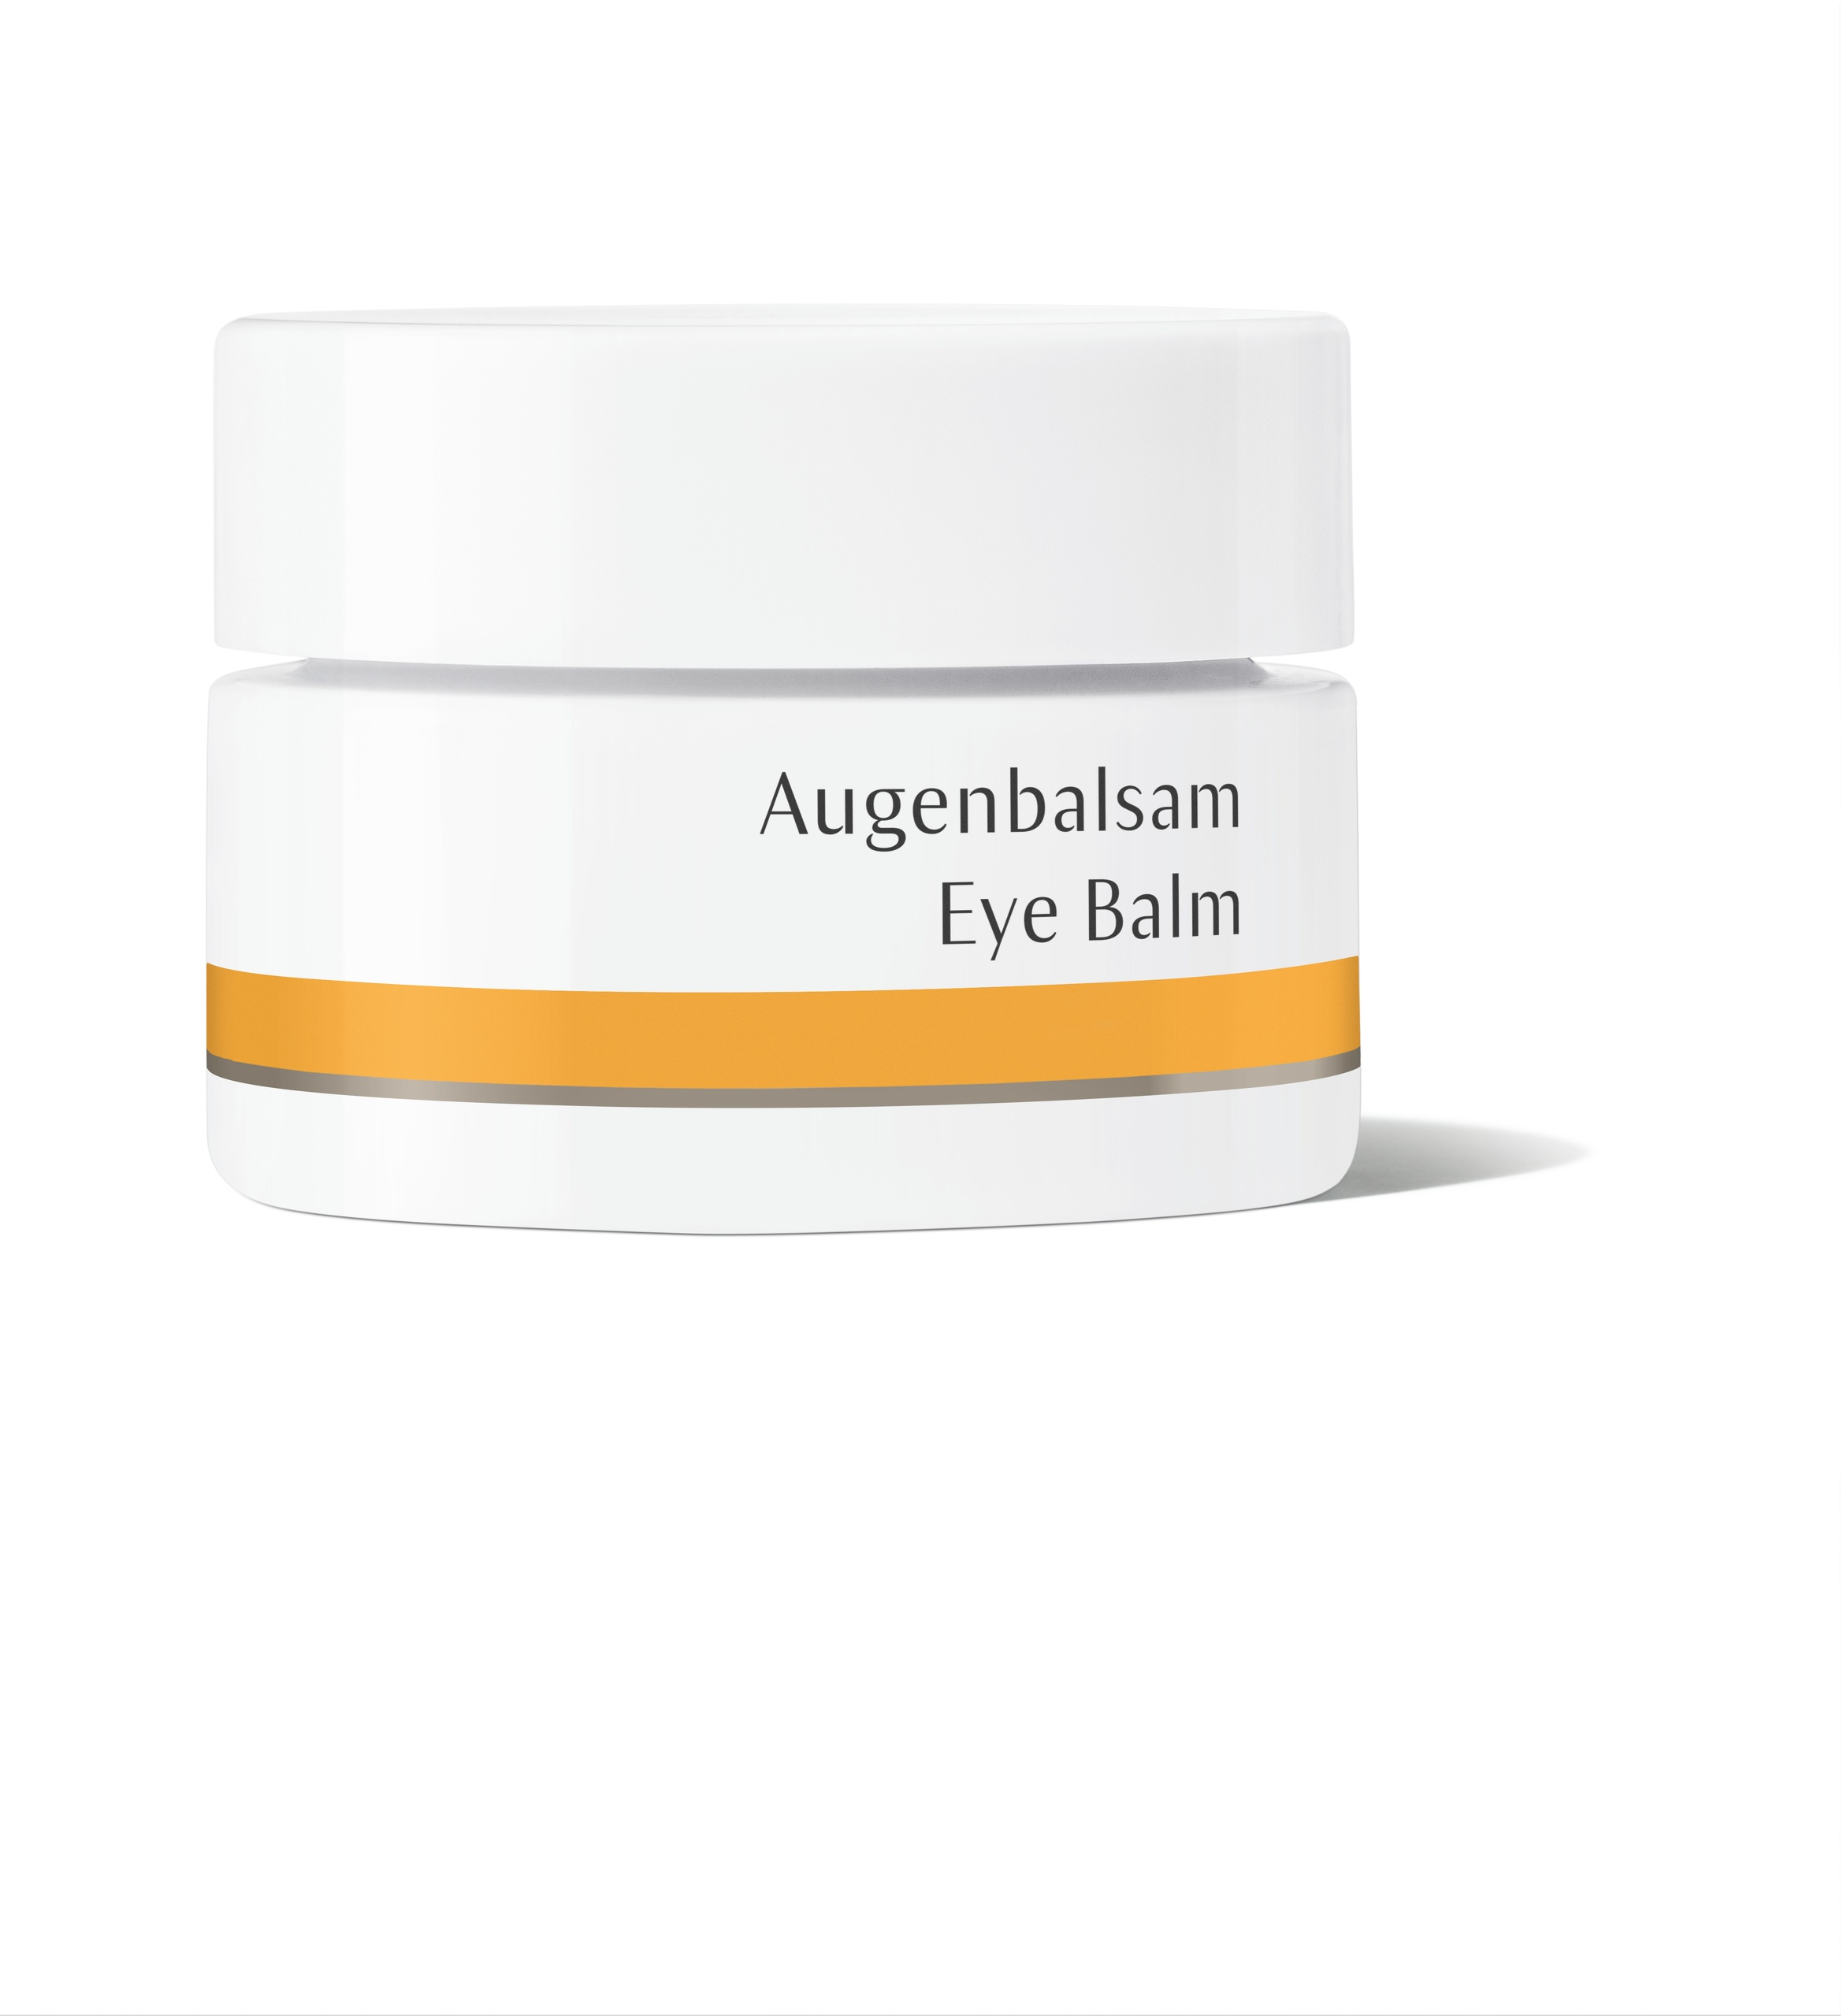 Dr. Hauschka Skin Care; Dr. Hauschka Kosmetik